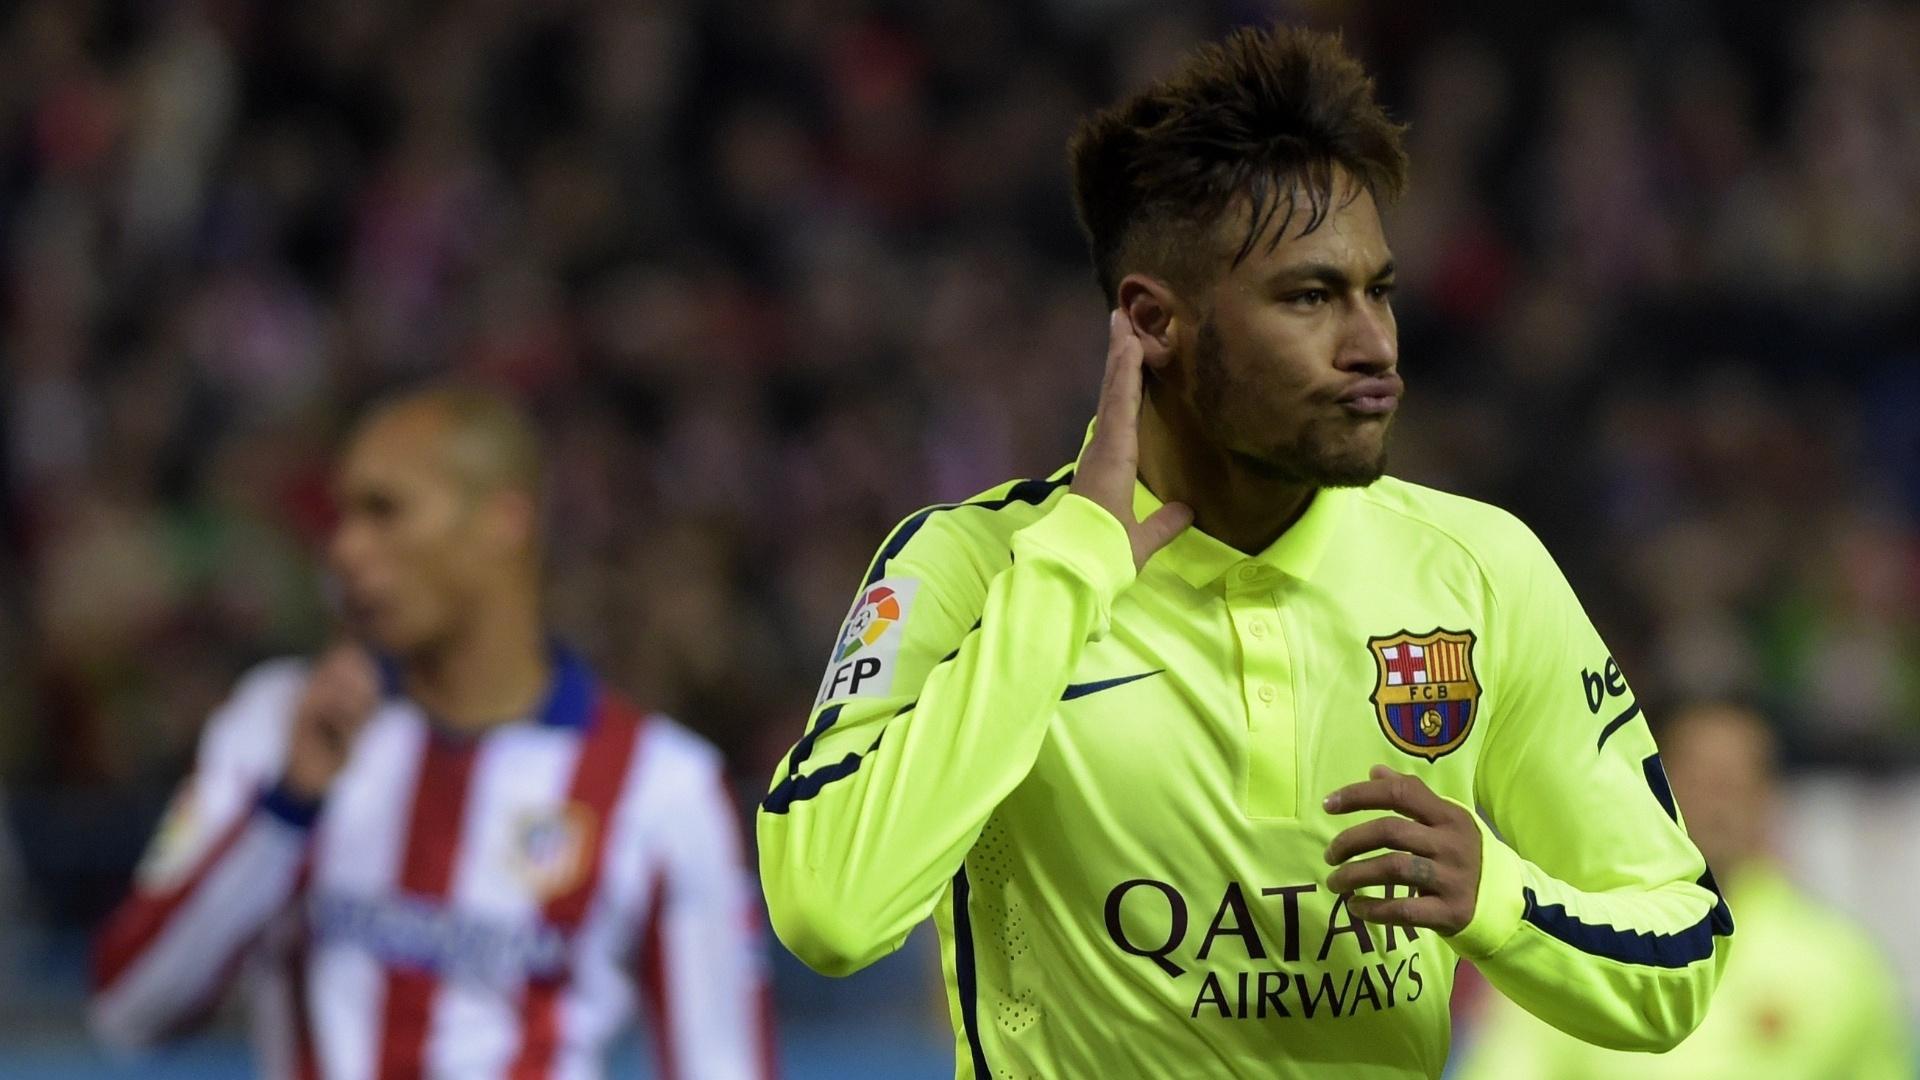 Neymar comemora após fazer seu segundo gol contra o Atlético de Madri, no Vicente Calderón